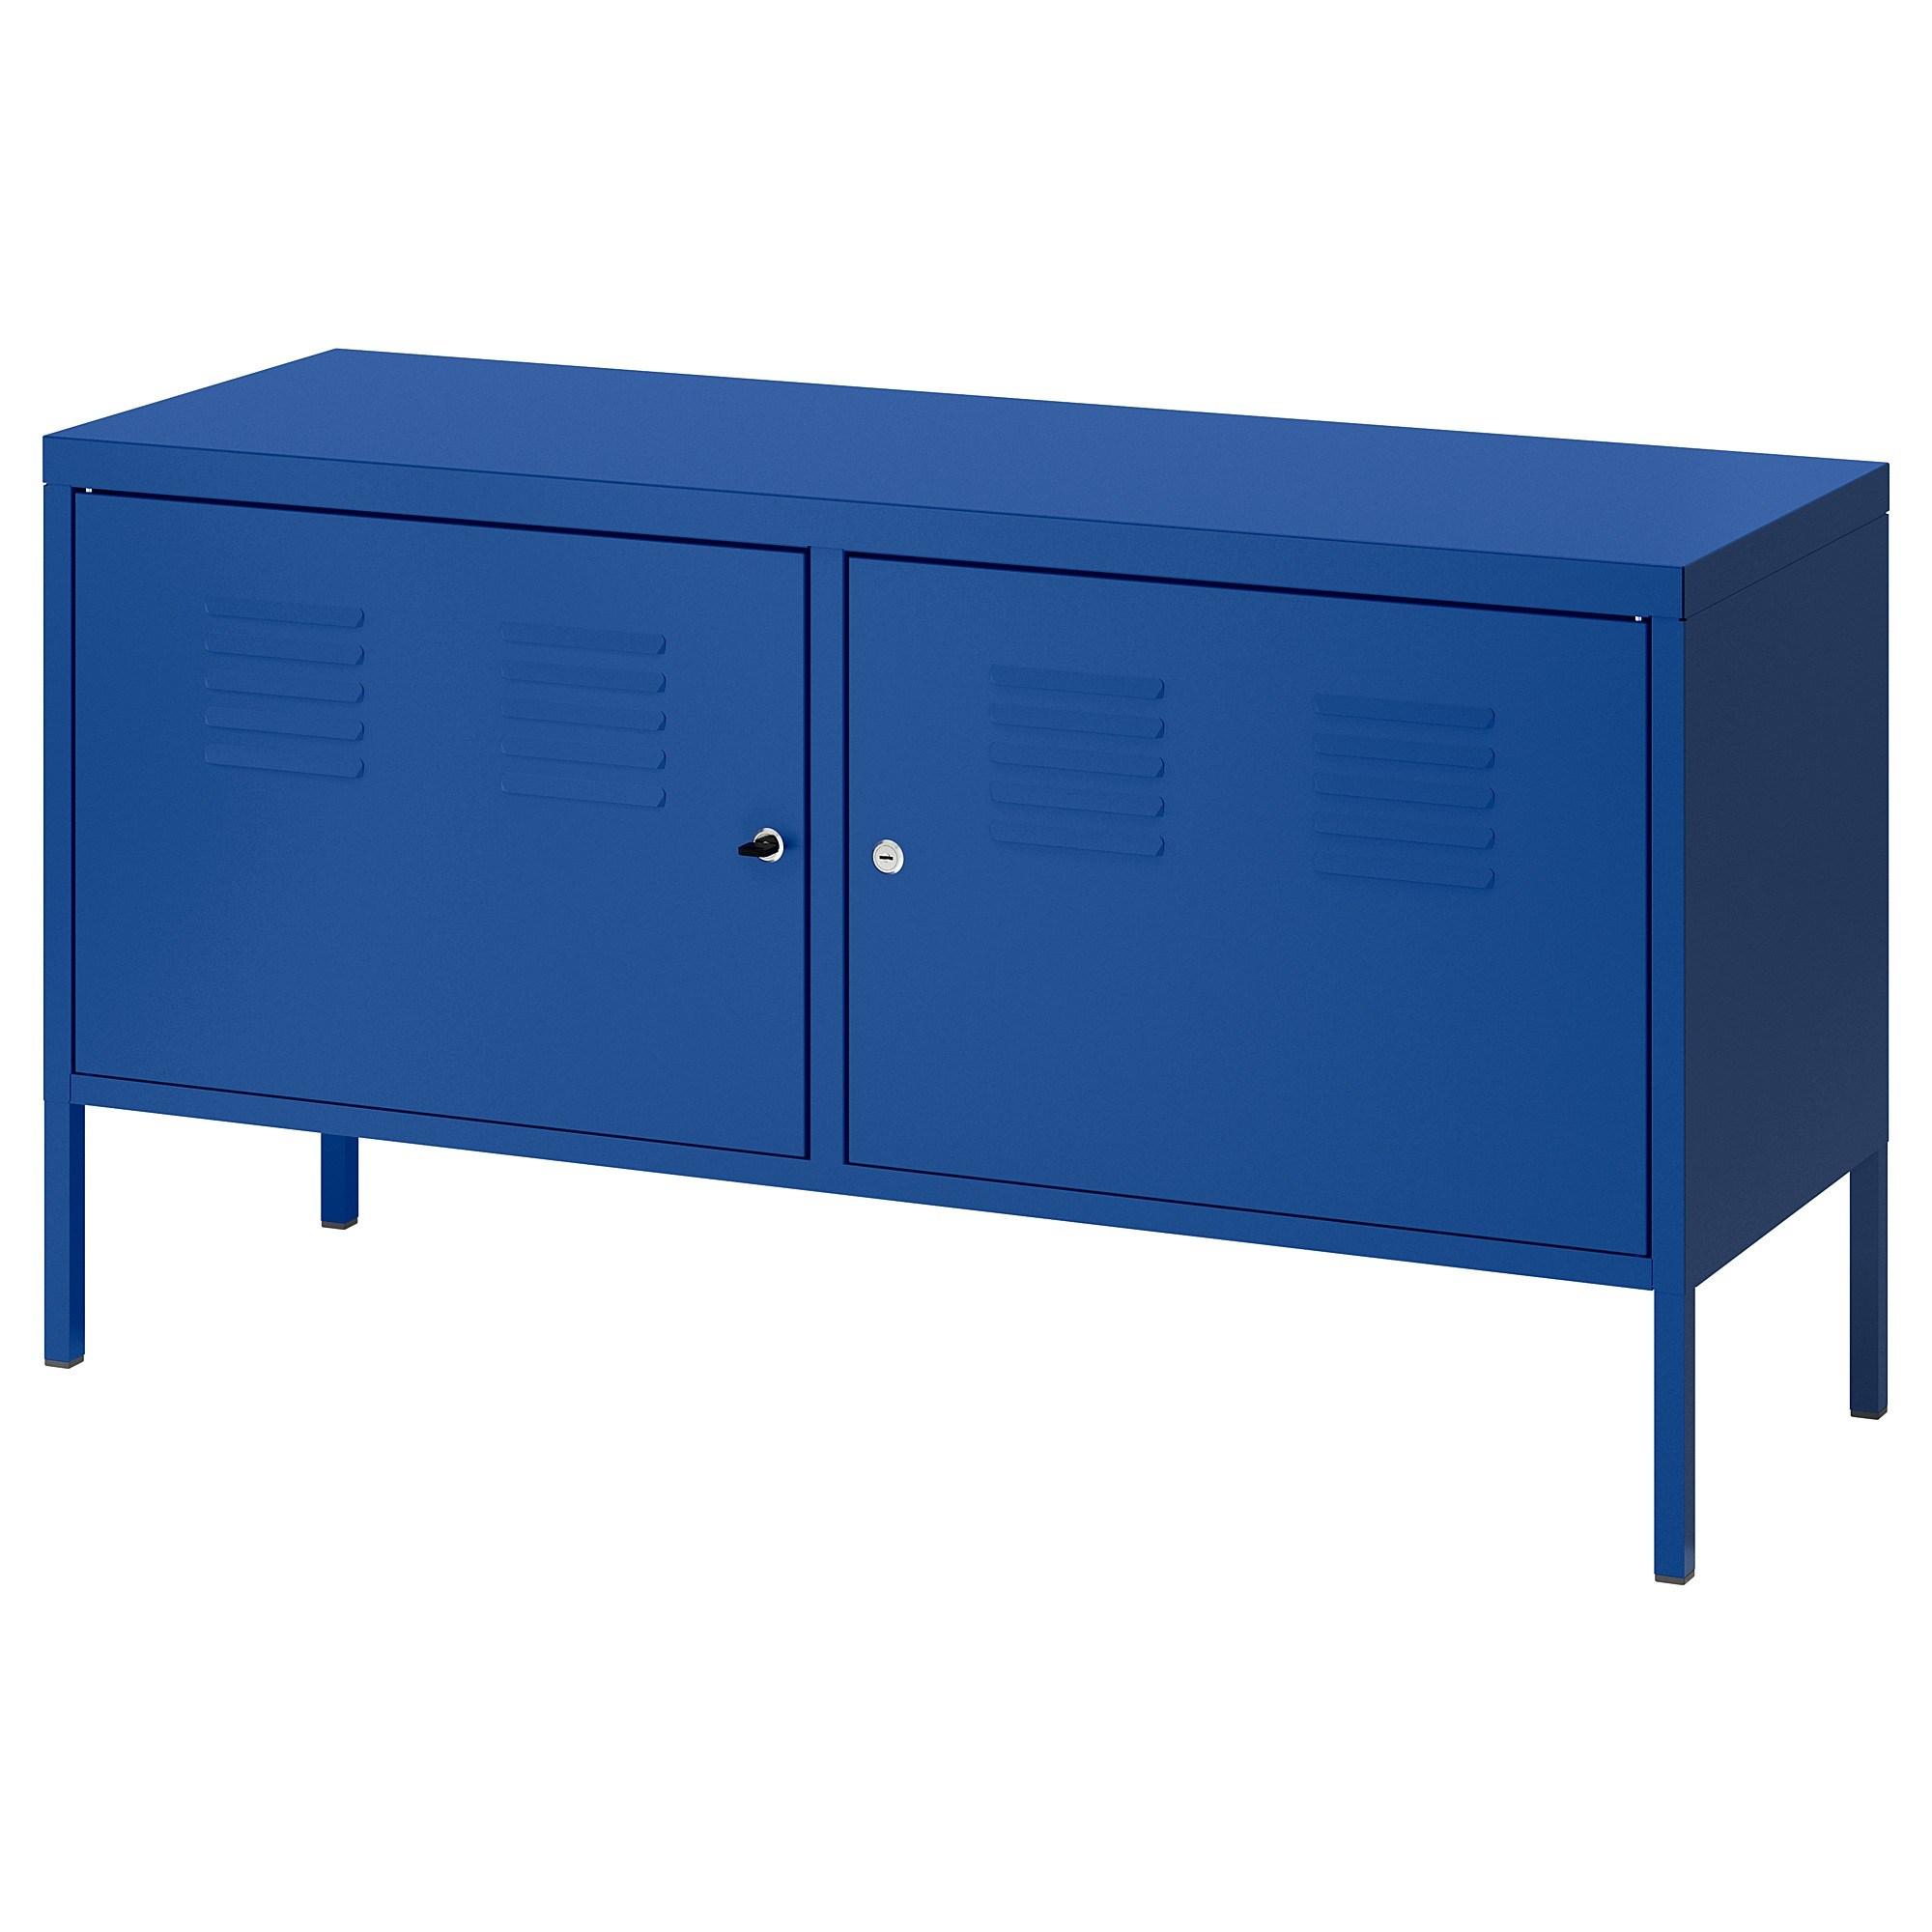 이케아 IKEA PS 철제 수납장, 블루 302.923.18